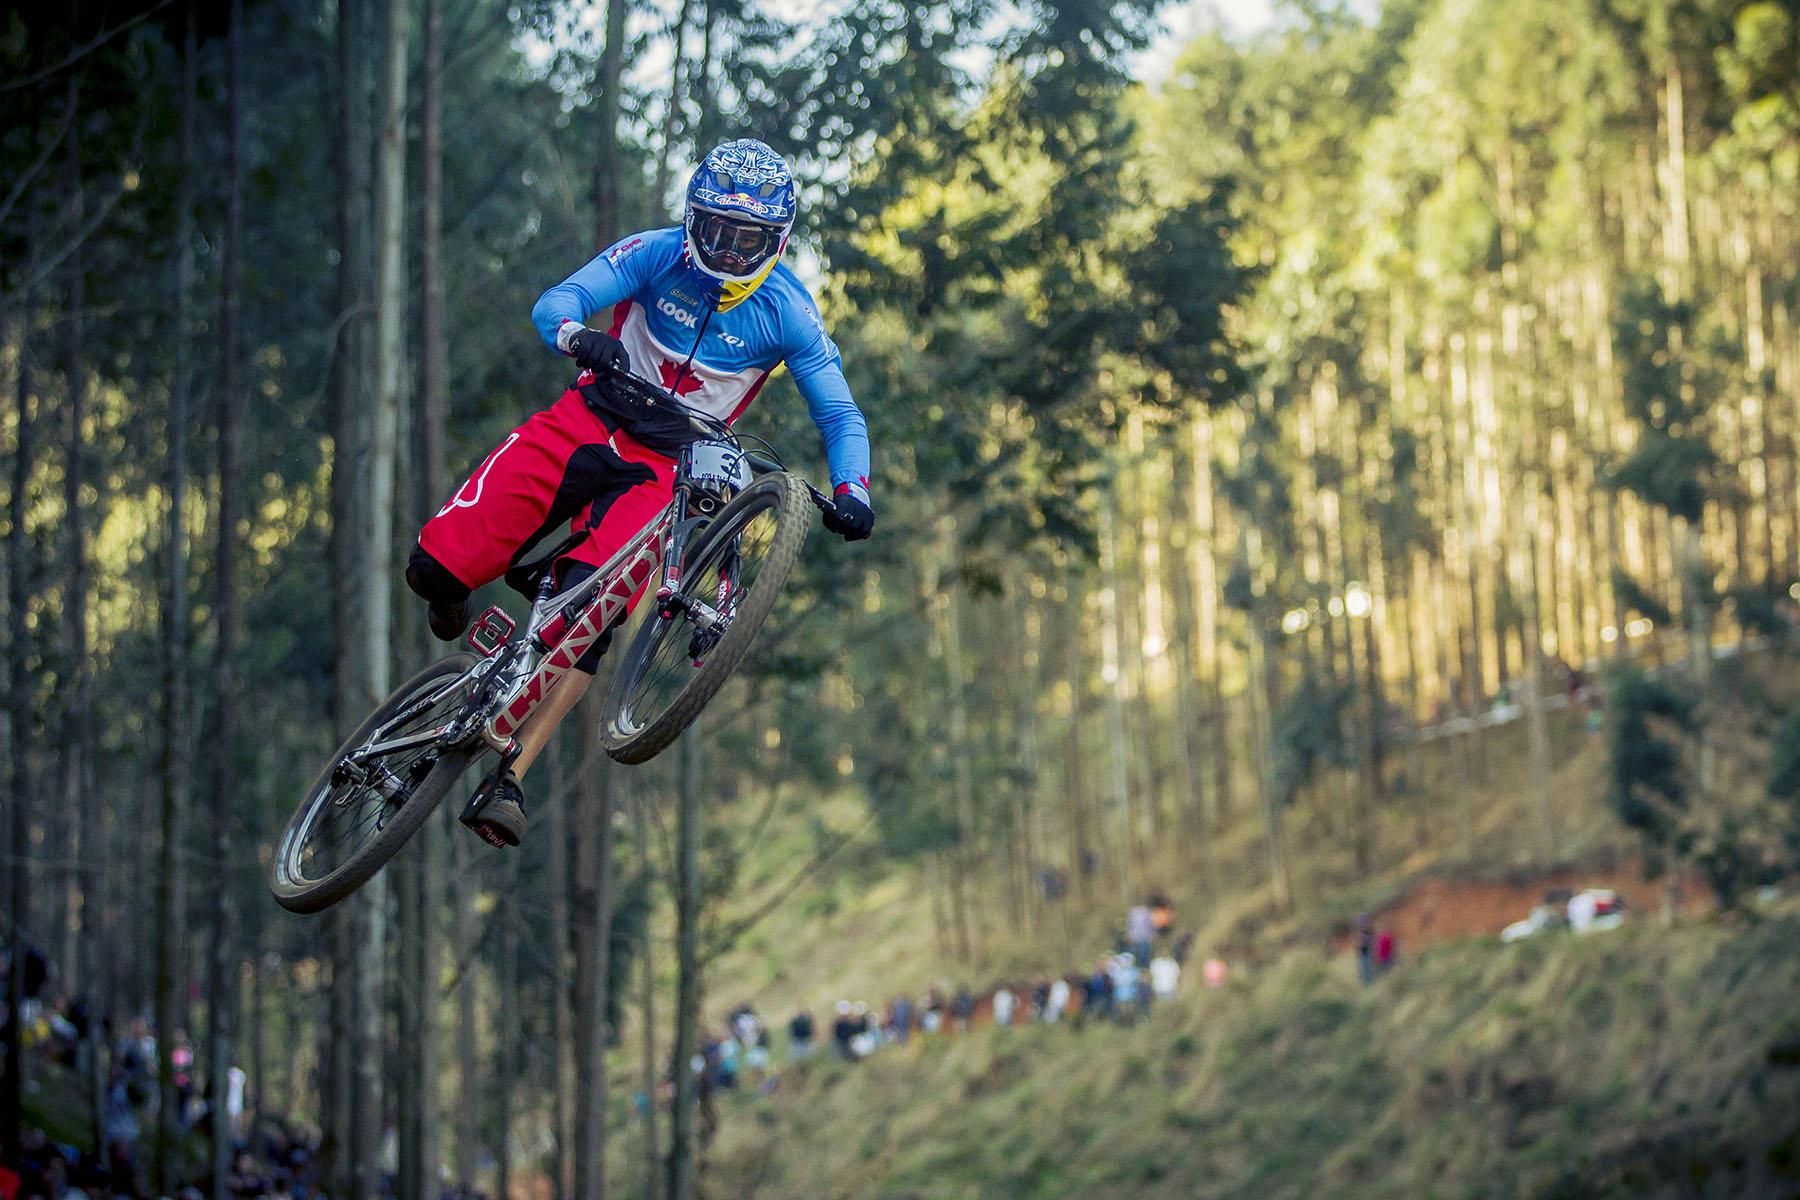 Nachdem Steve Smiths Sturz ließ er es ruhiger angehen und zeigte den Zuschauern ein paar schöne Jumps.